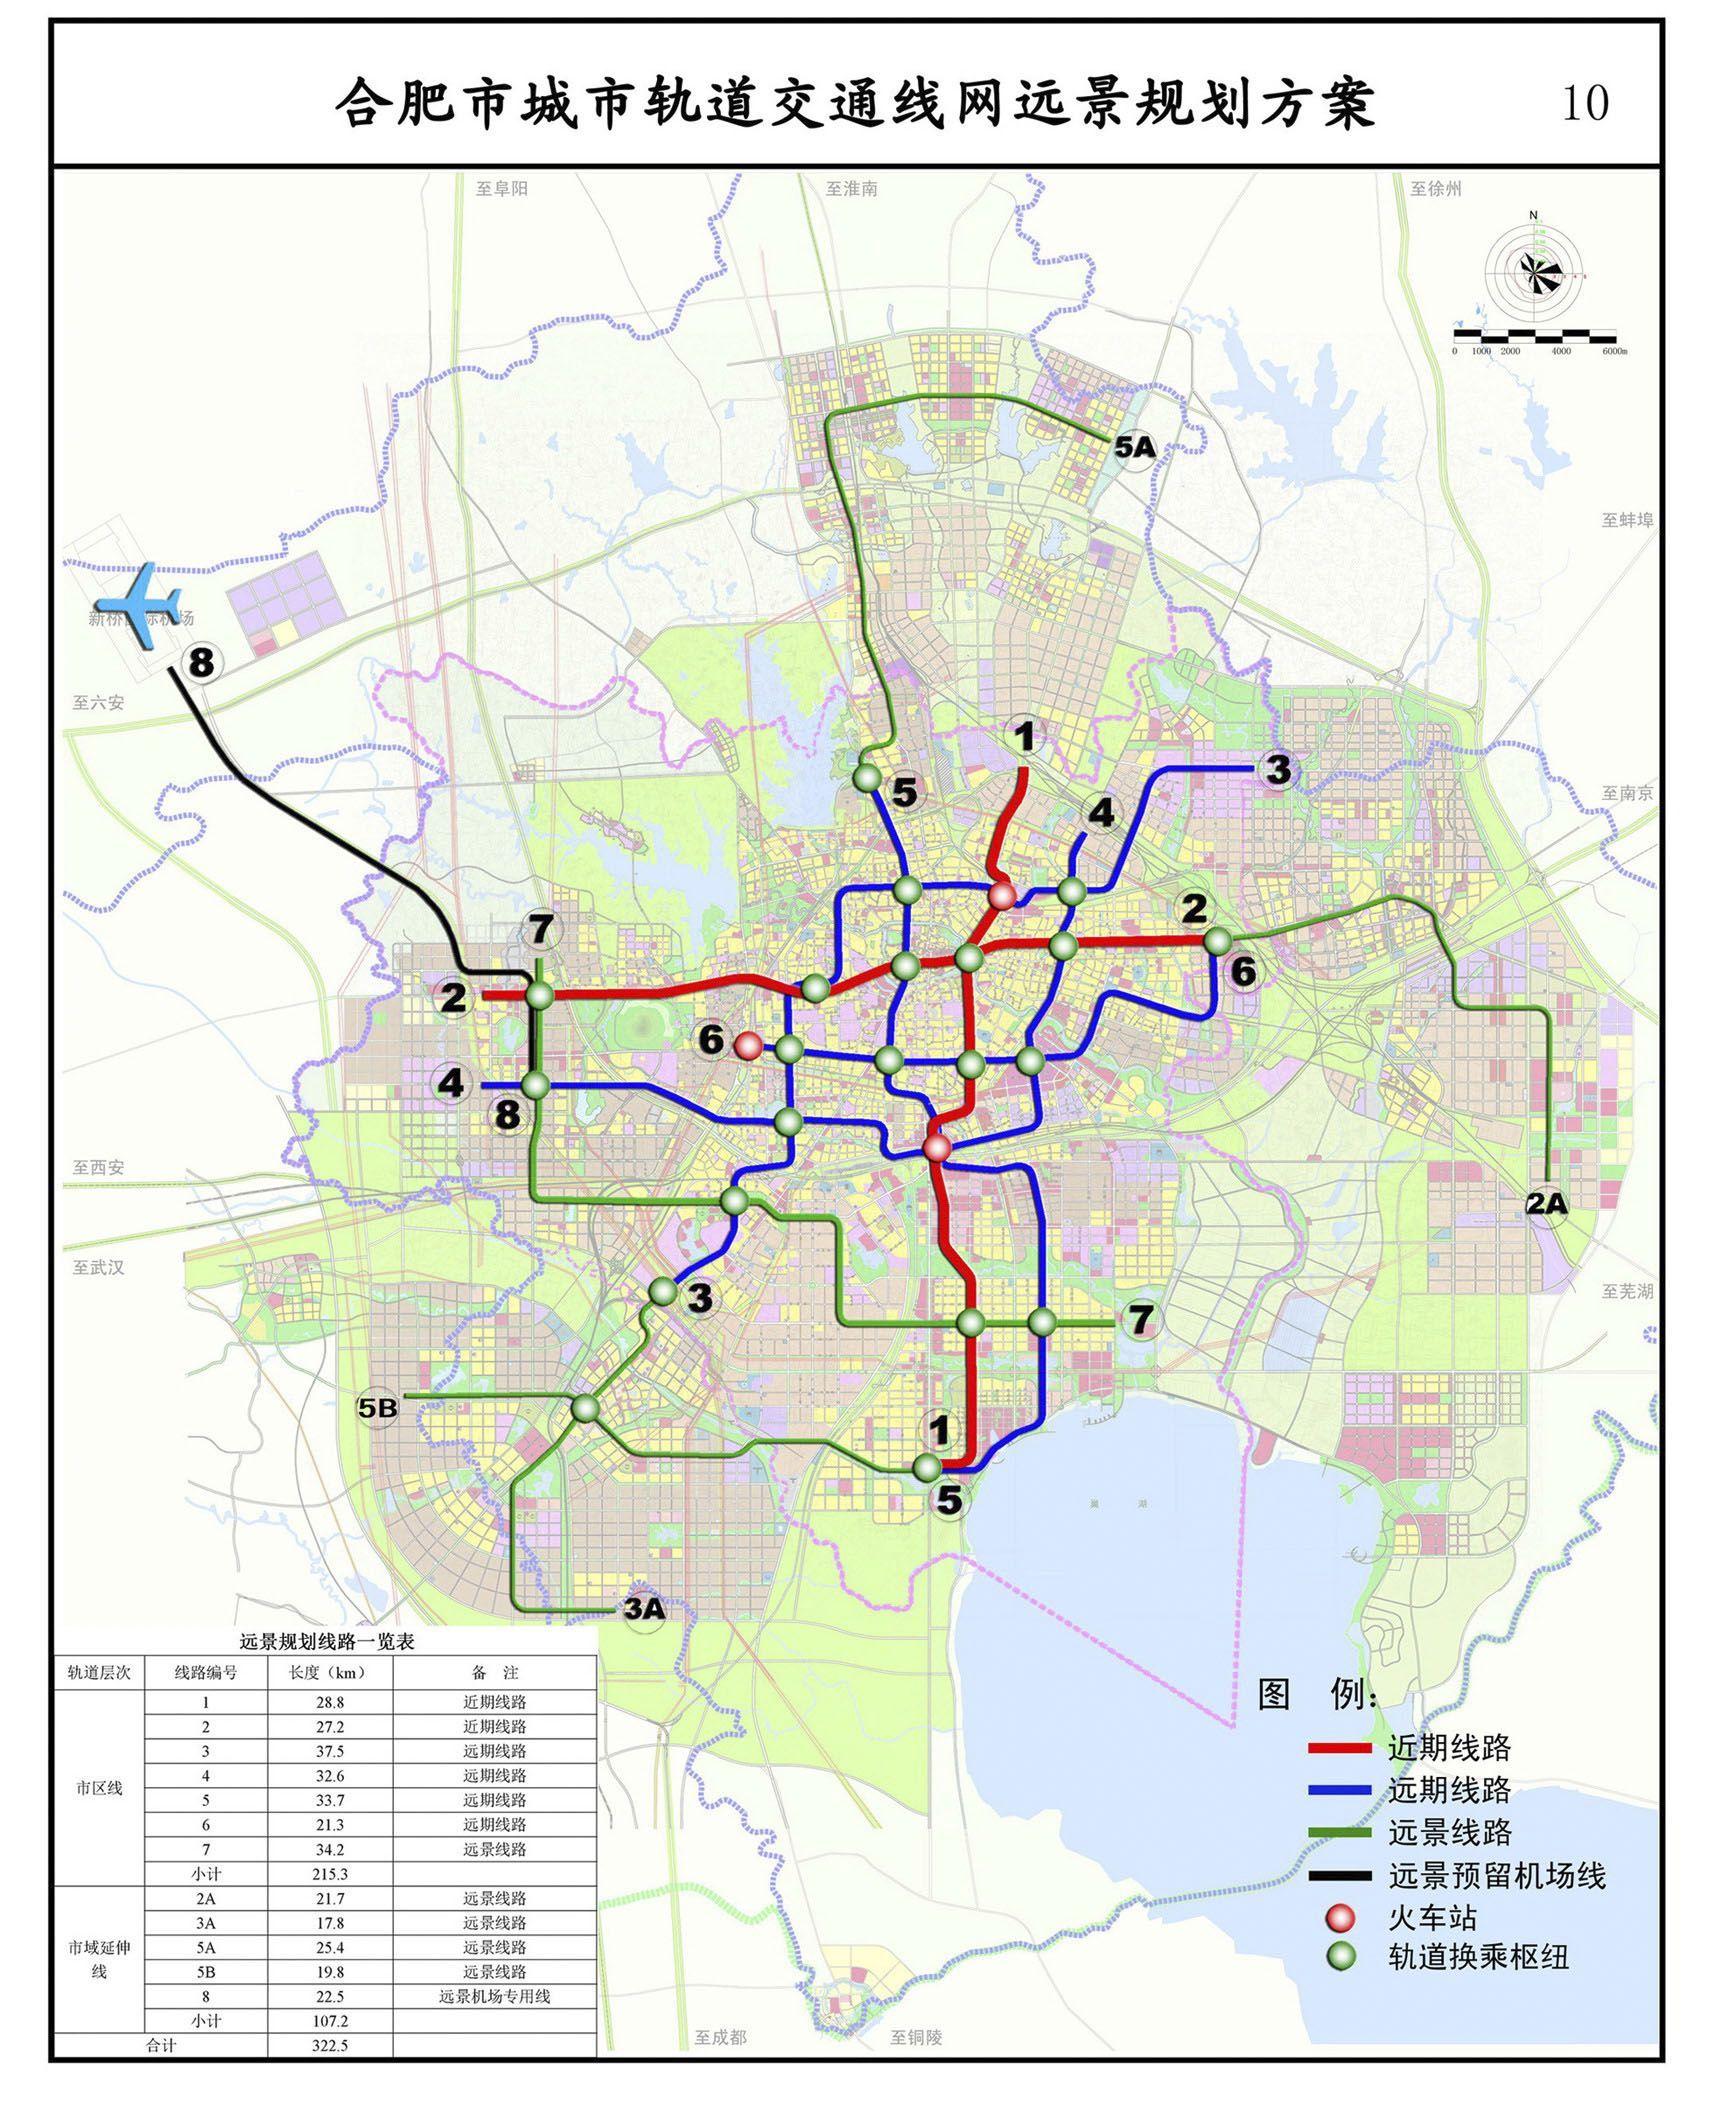 2号线路线 南京地铁s1号线站点 2号线线路图图片